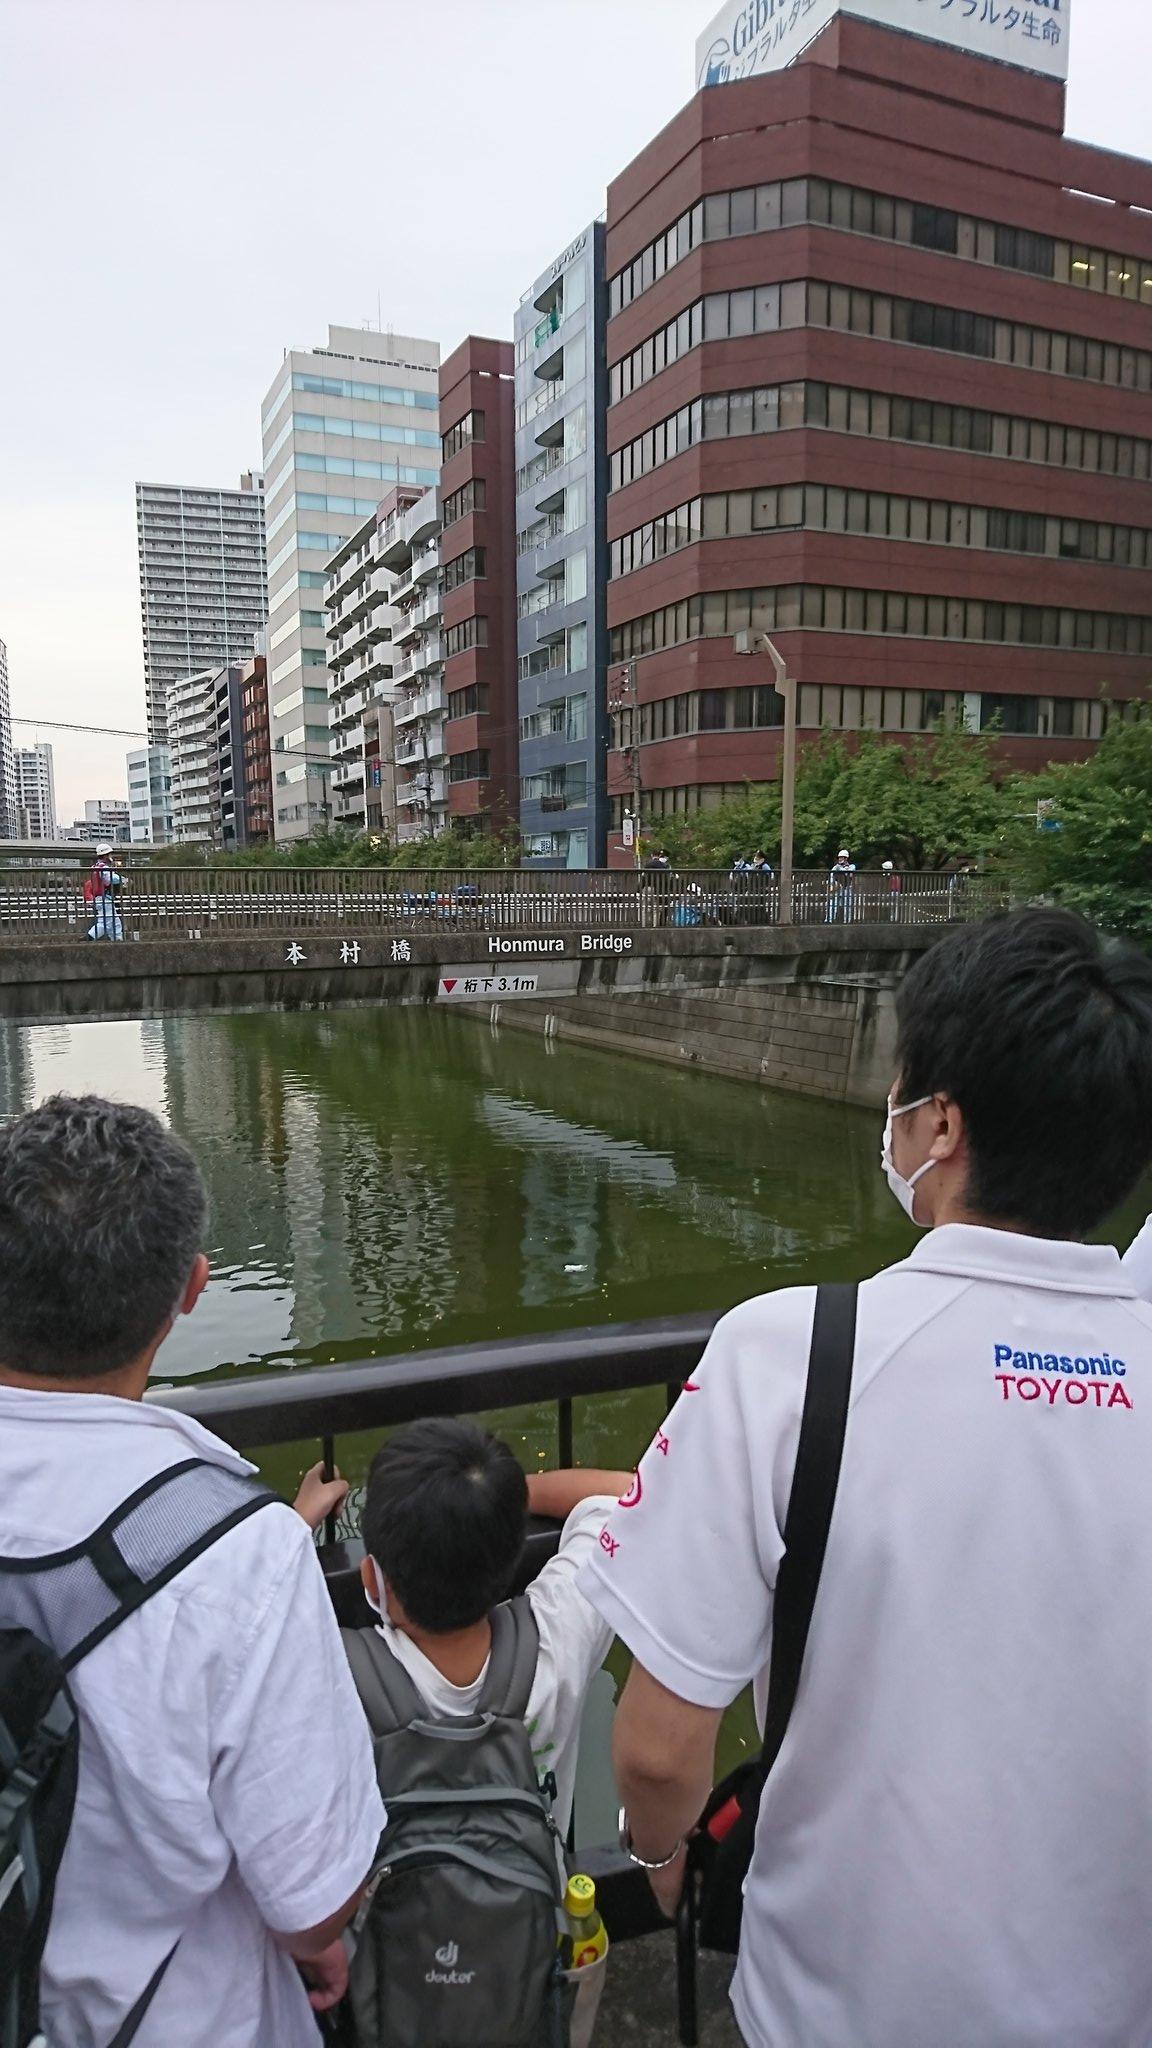 五反田駅付近の目黒川の事故現場の画像